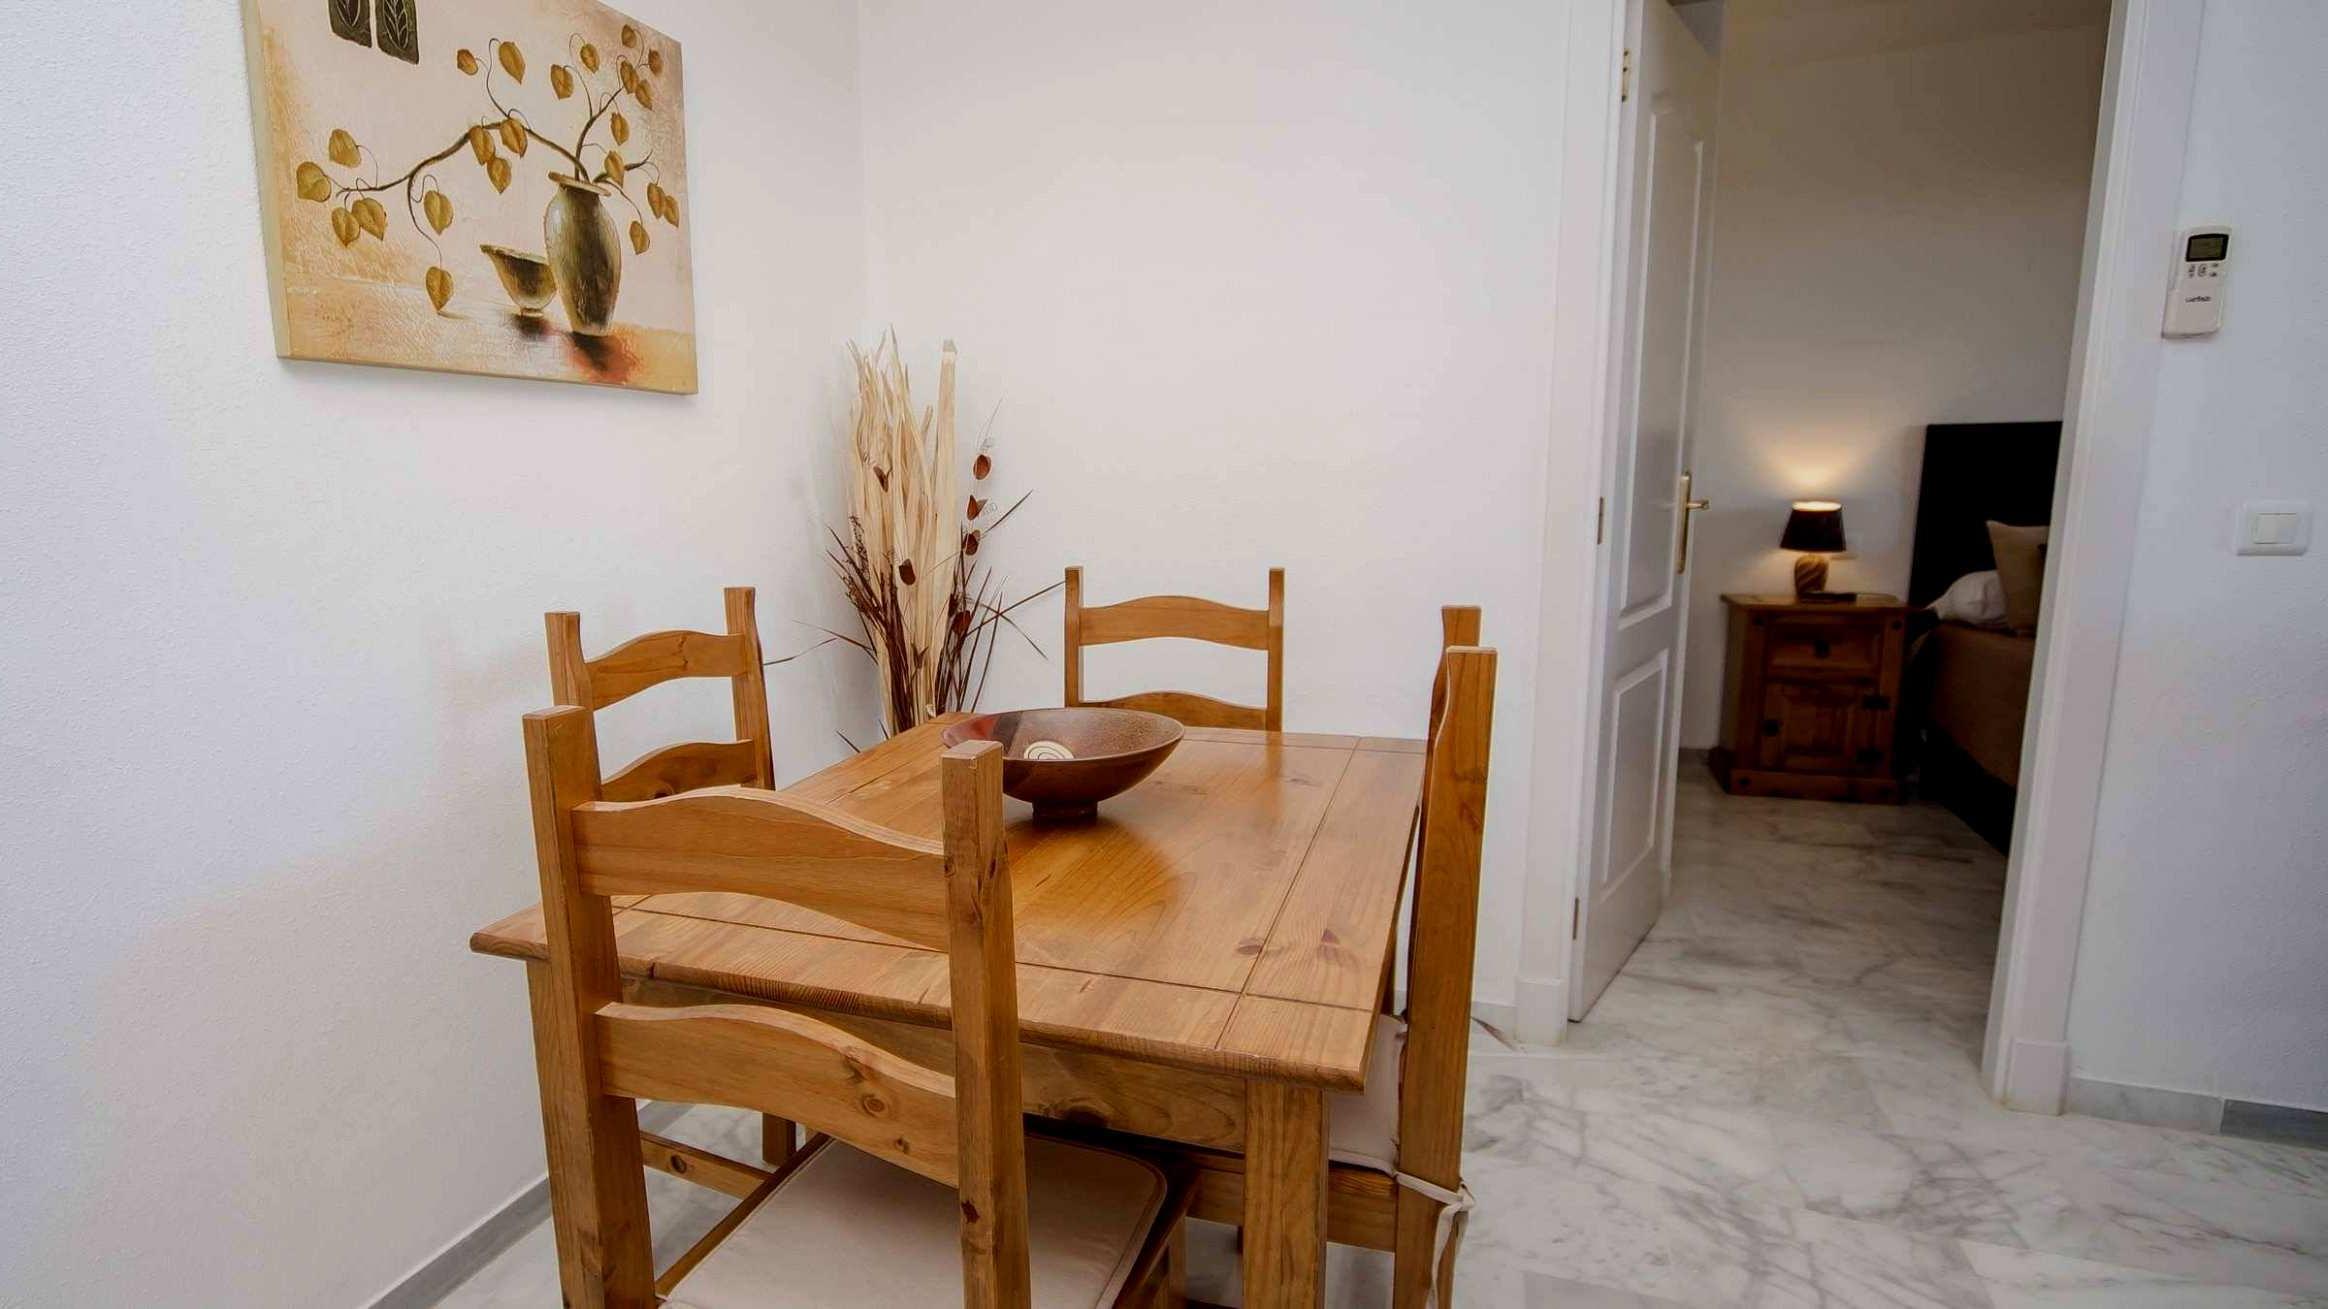 Muebles Baratos Valencia Rldj Apartamentos Baratos En Gandia 25 Famoso Muebles De Icina En